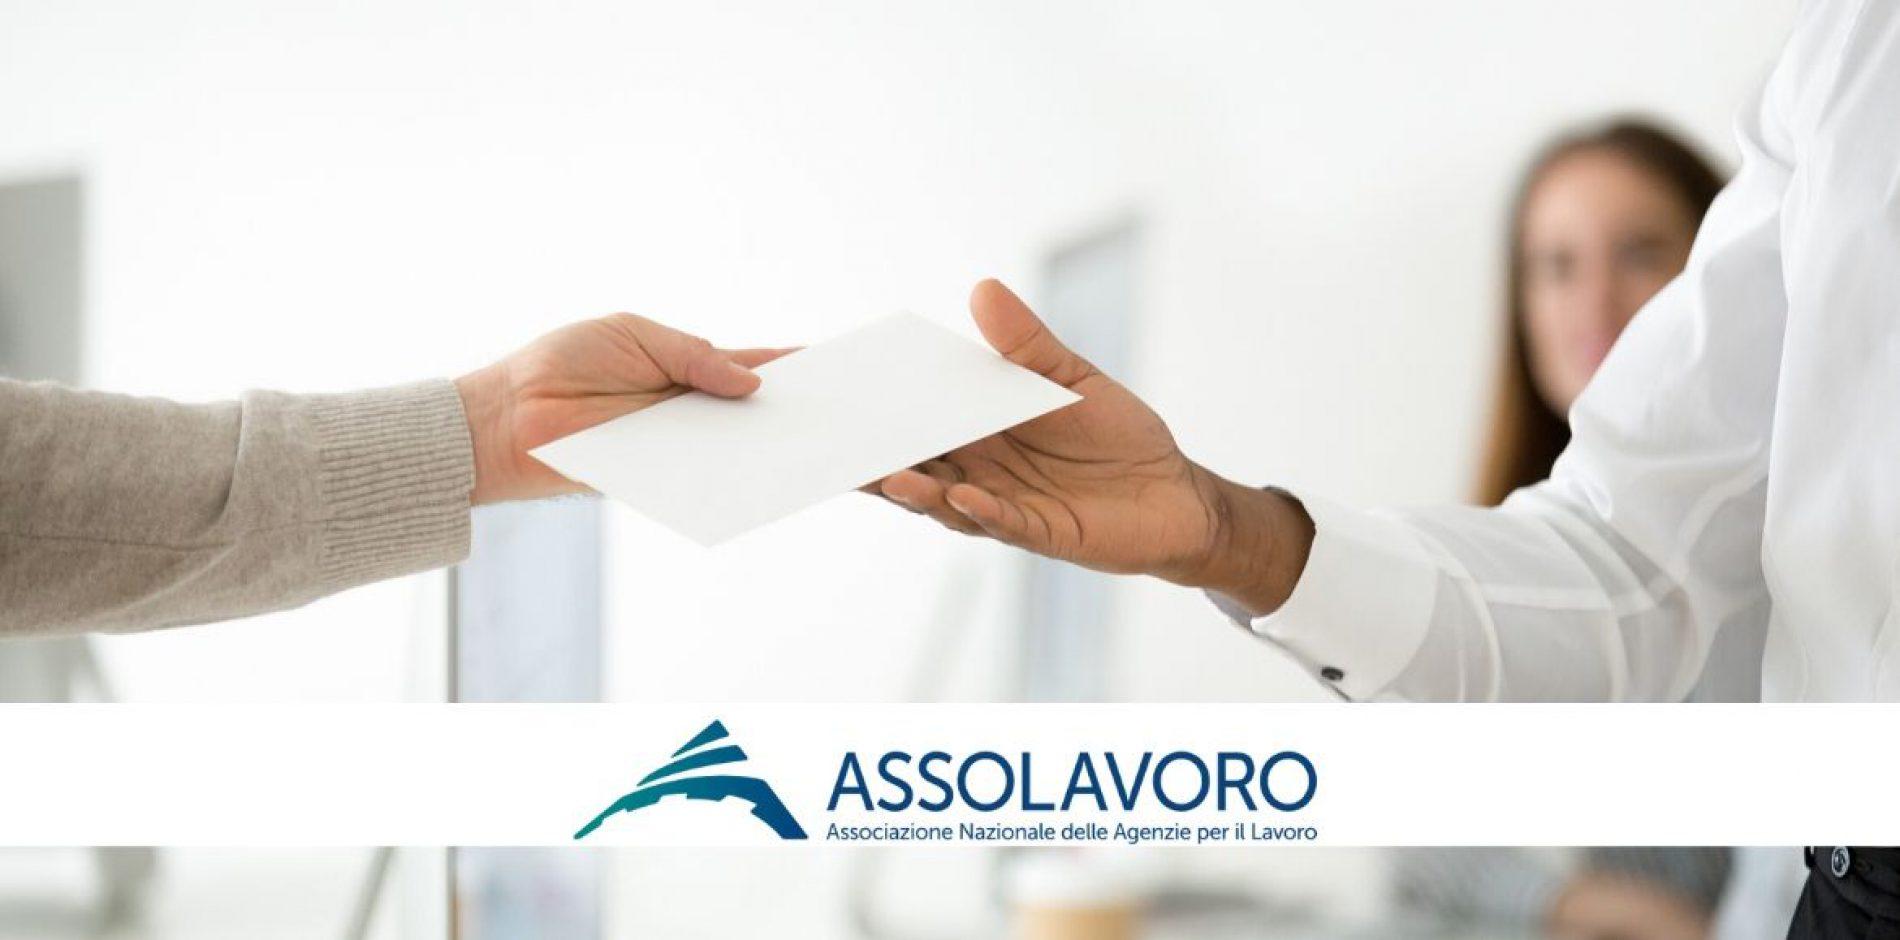 Integrazione salariale per i somministrati – Accordo firmato da Assolavoro